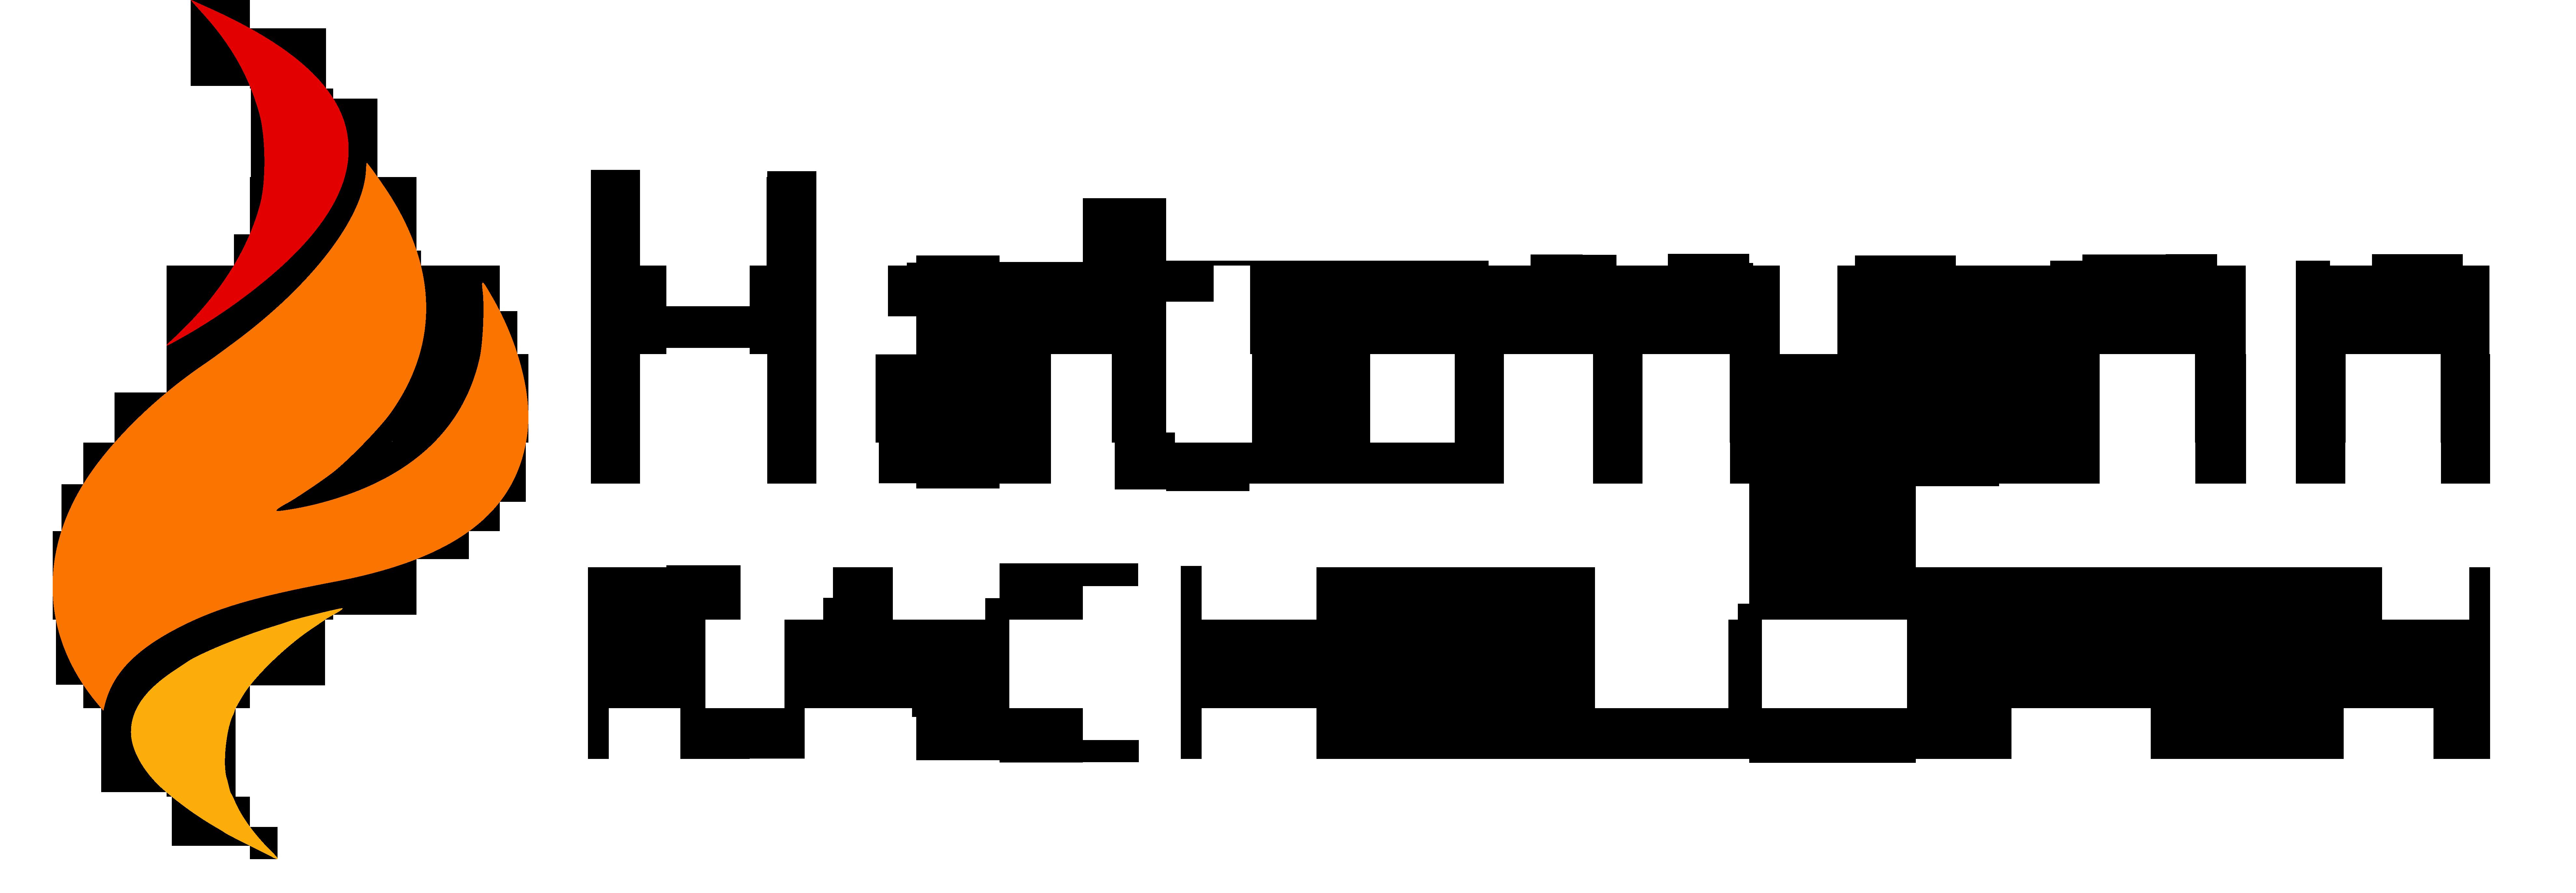 Hatzmann Kachelöfen